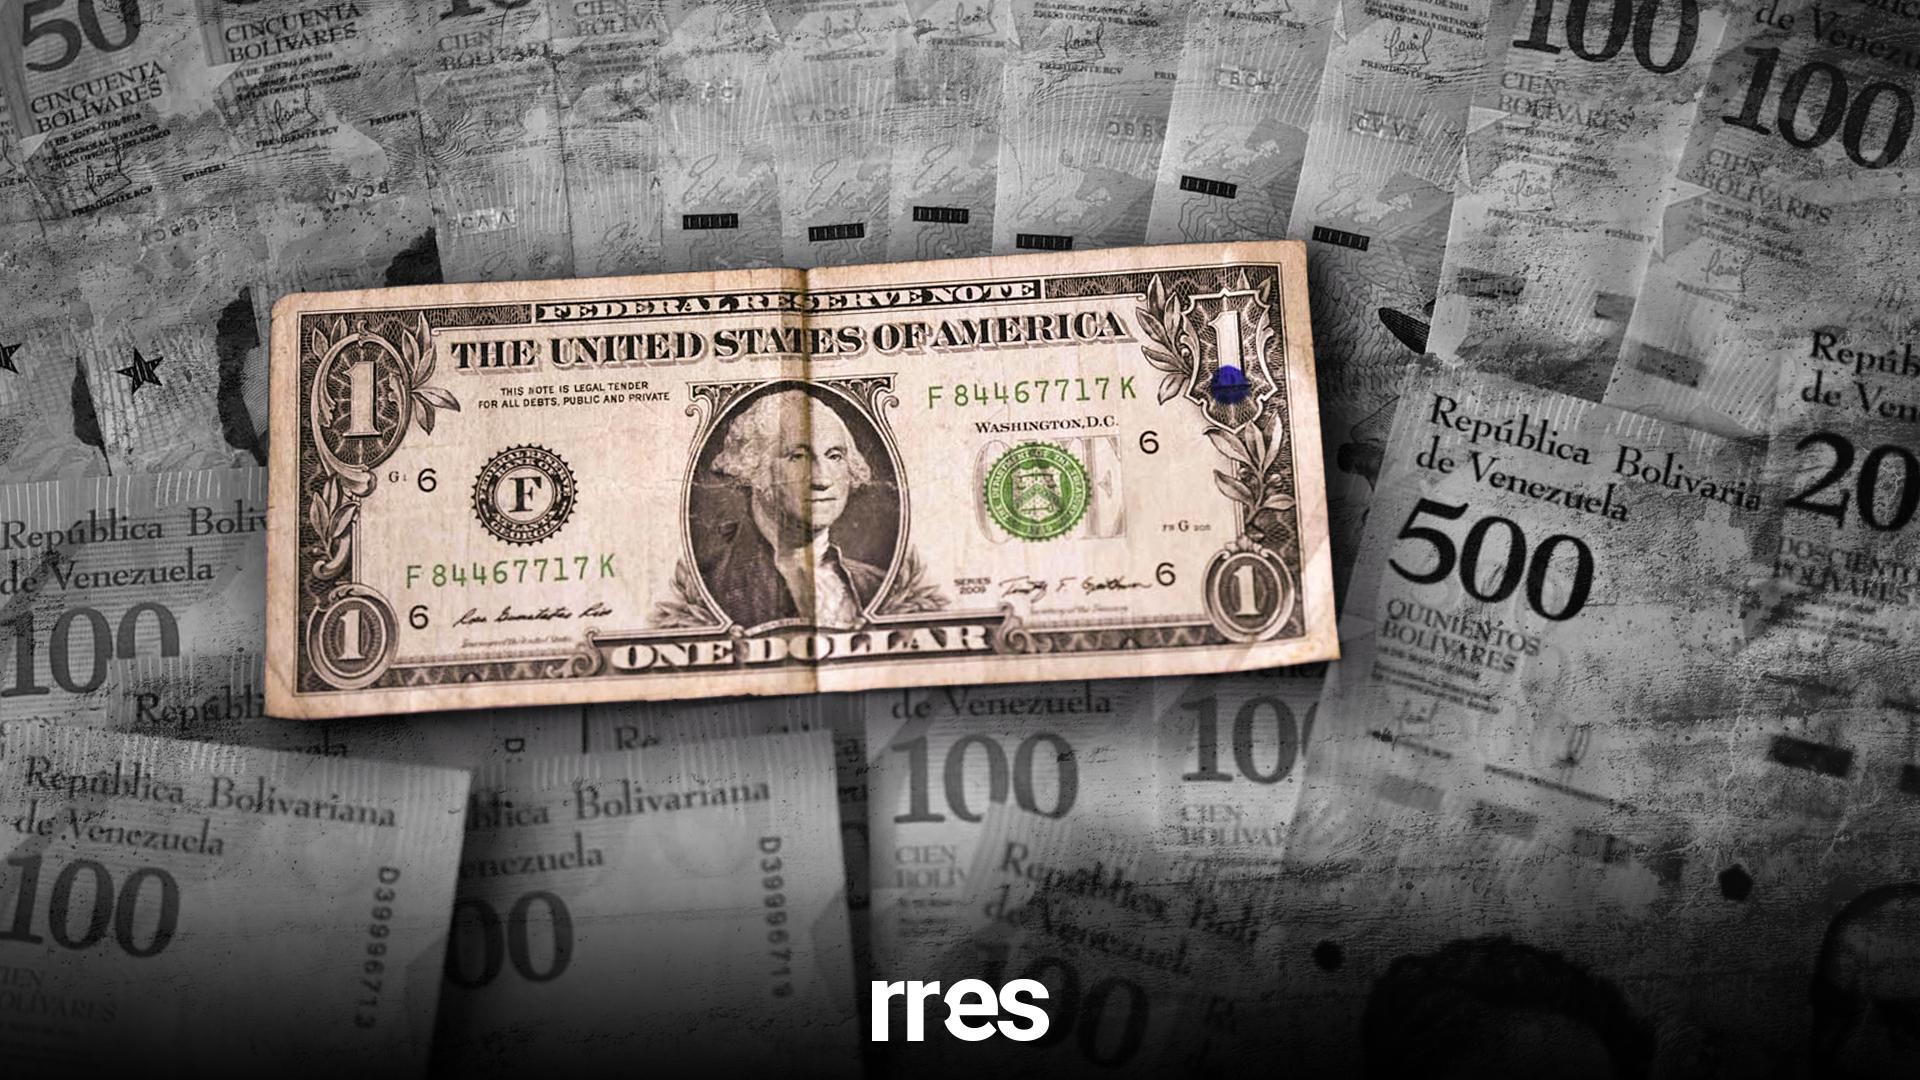 El dólar se disparó 80% en tres semanas: ¿Hasta dónde puede llegar en lo que resta de año?